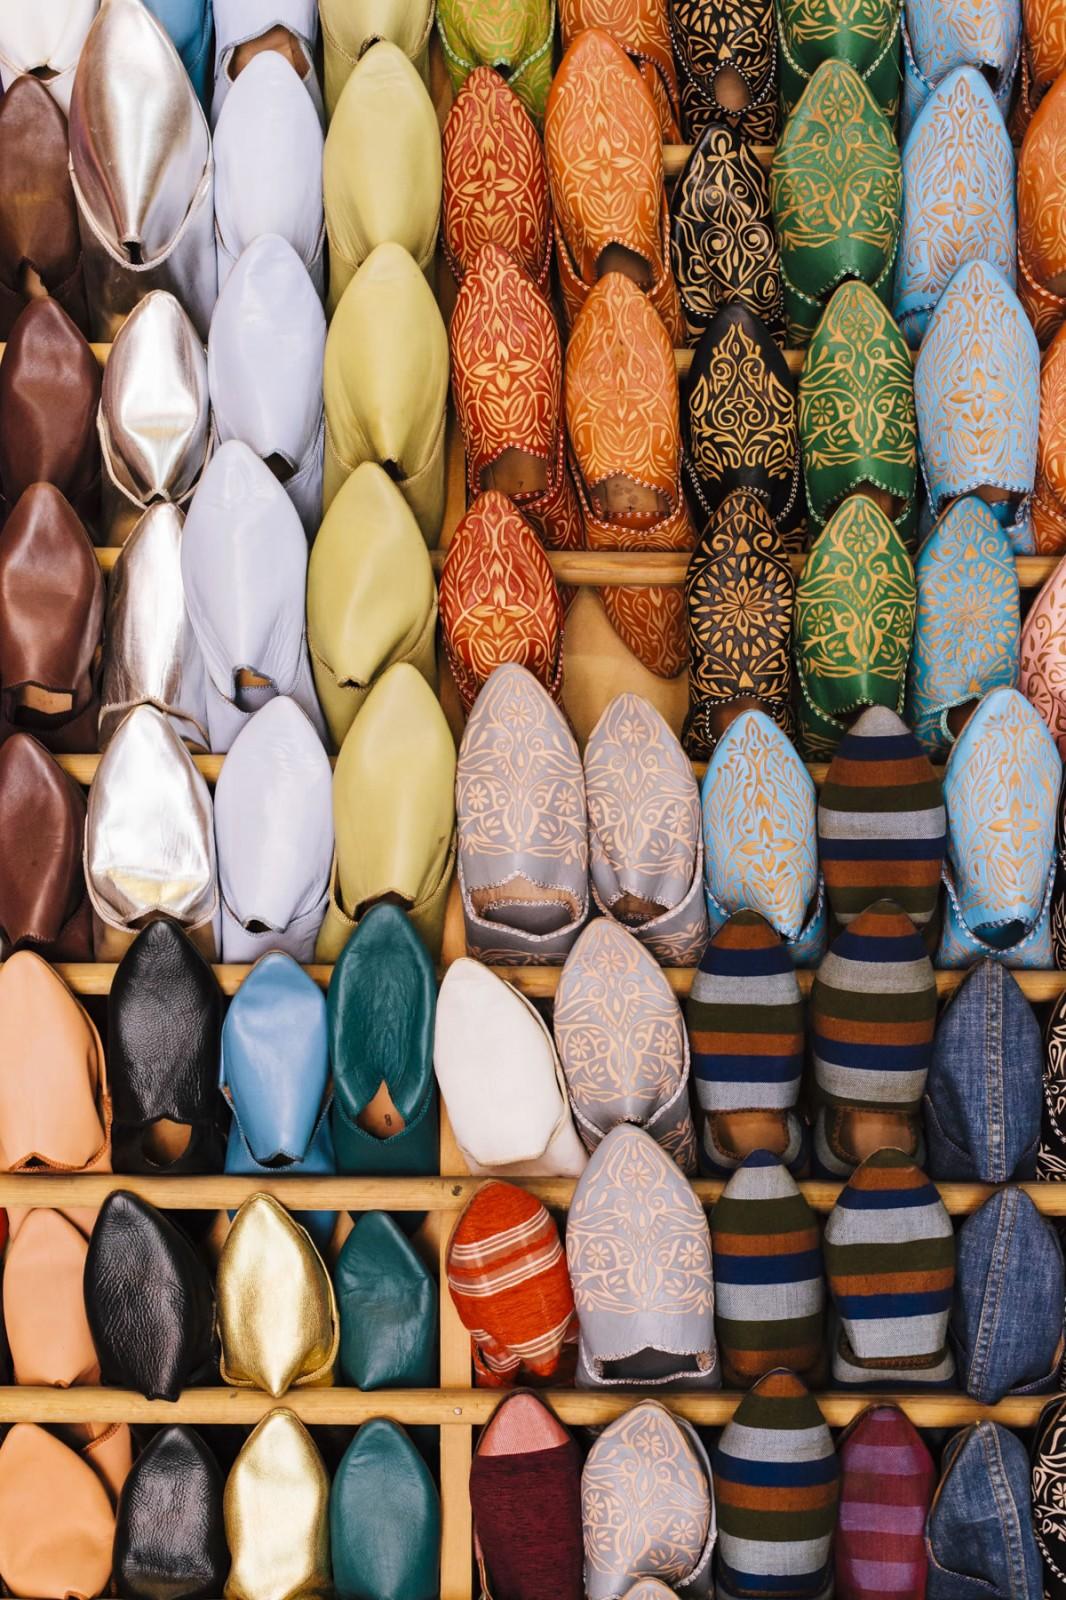 201303-Marrakech-100,xlarge.jpg